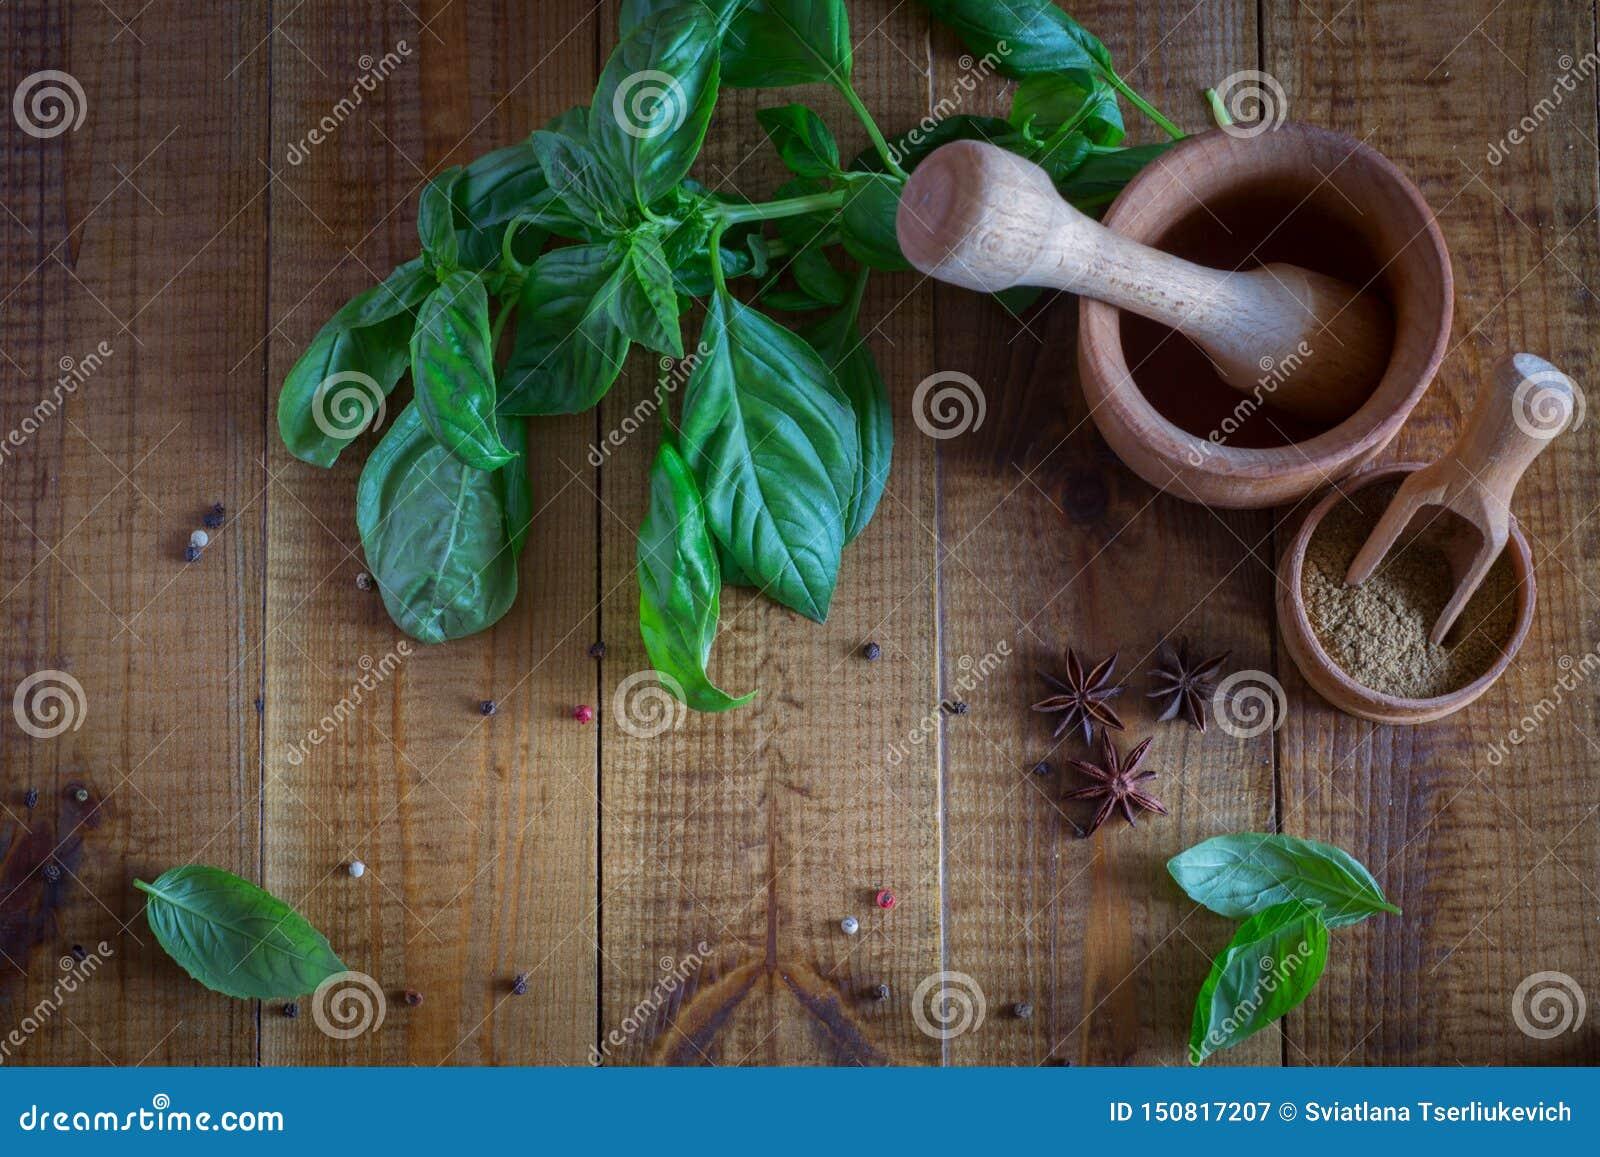 Ustensiles de cuisine pour des épices Basil et épices frais sur la table